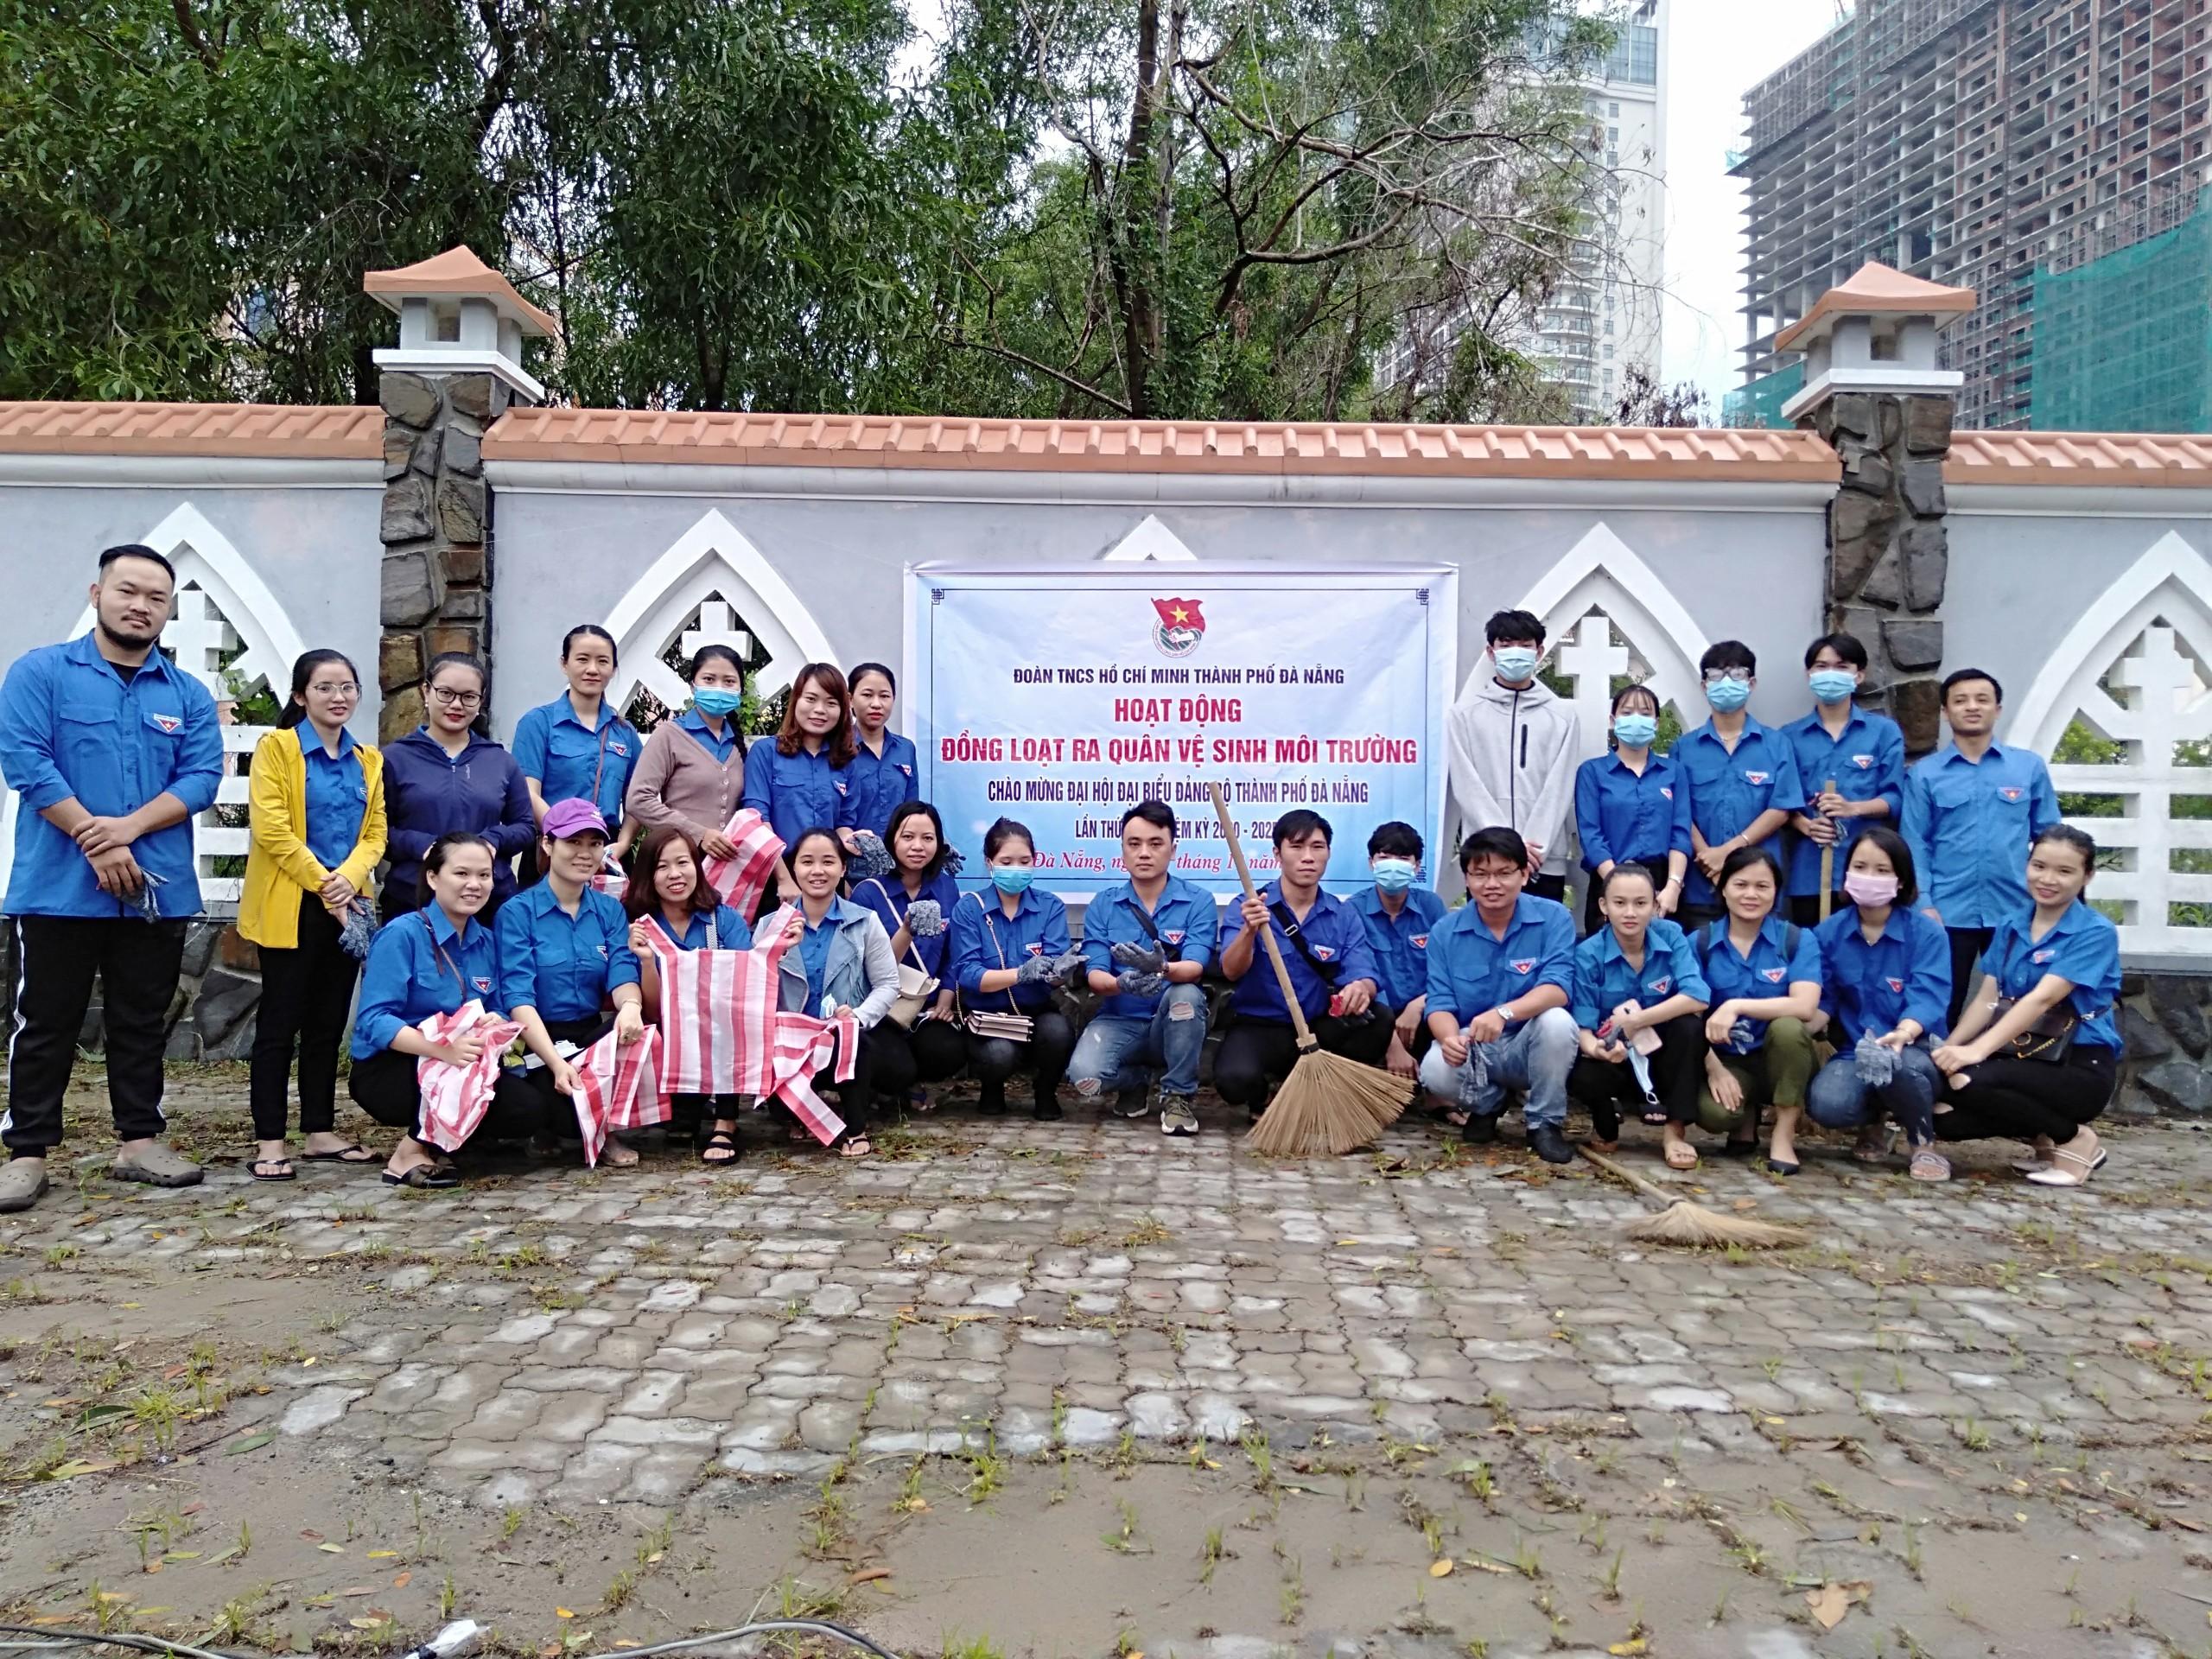 Tuổi trẻ Quận Sơn Trà ra quân vệ sinh môi trường Chào mừng Đại hội Đảng bộ thành phố